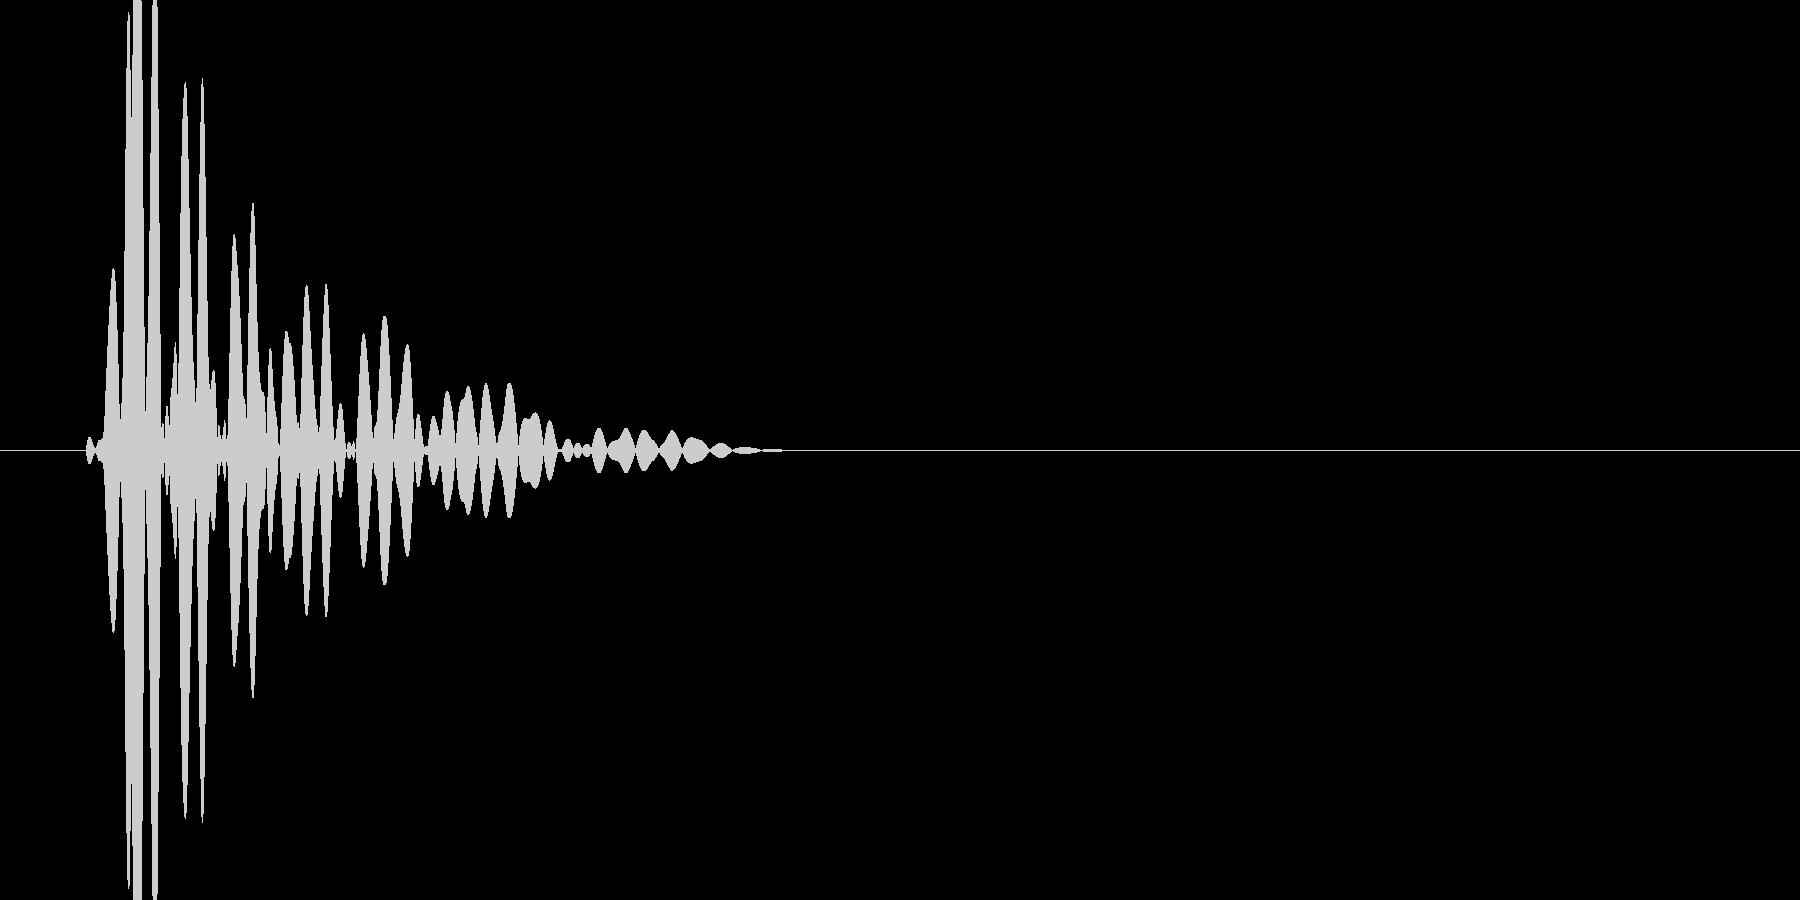 ドン(壁、行き止まり、進めない)の未再生の波形